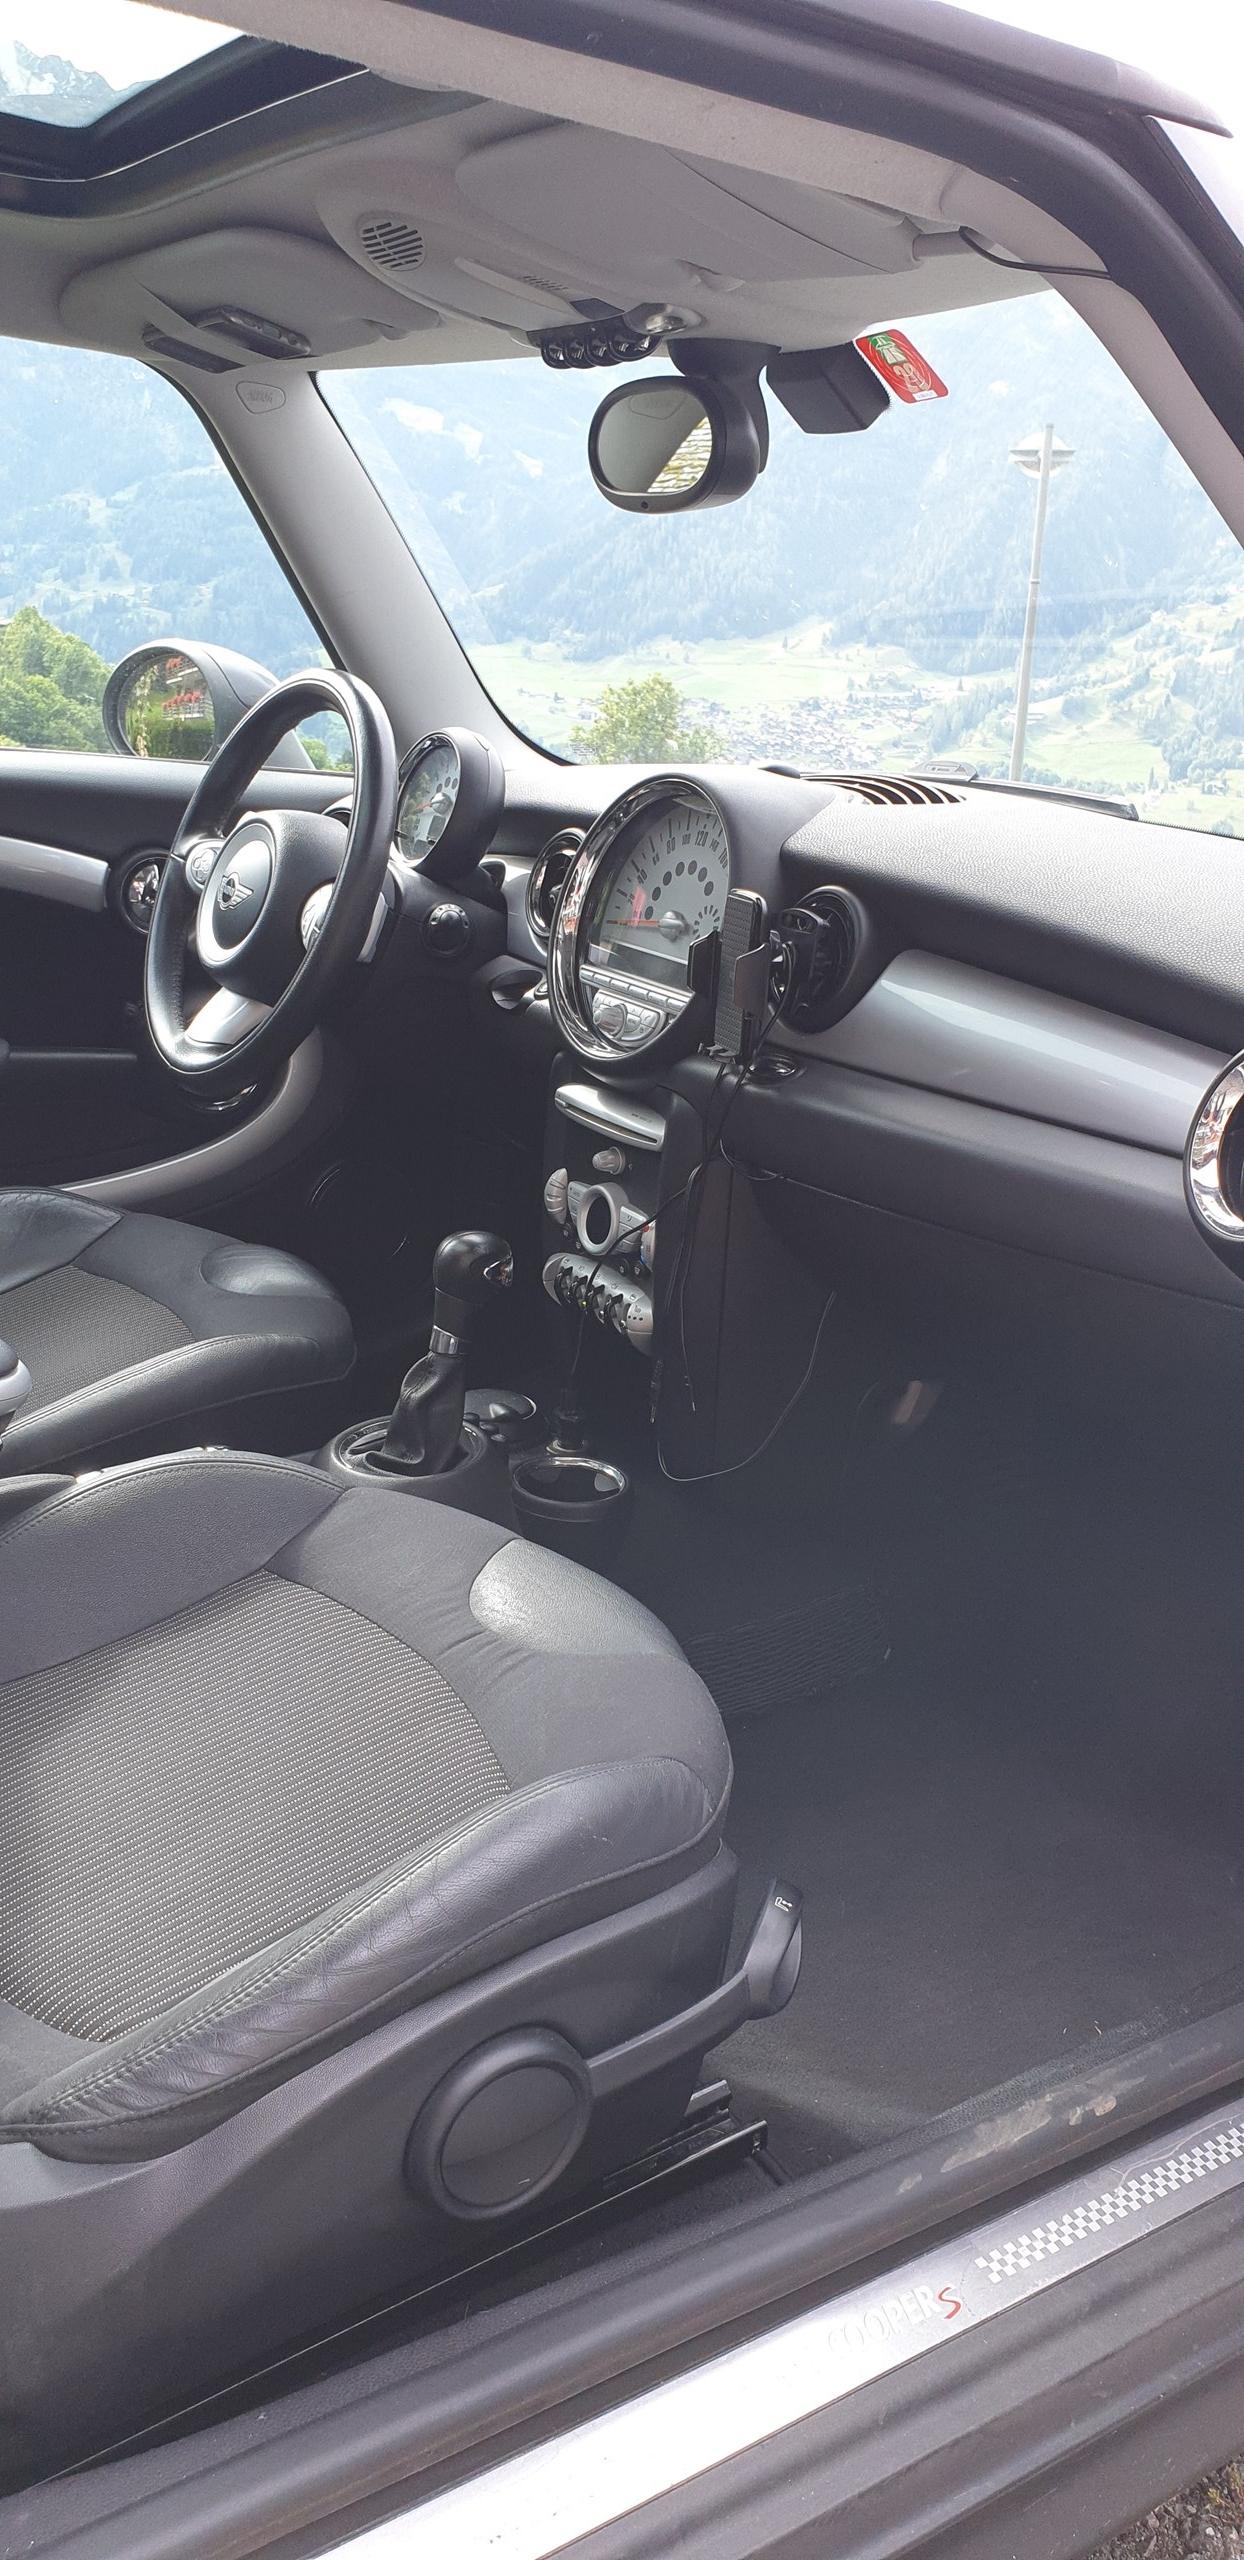 Mini Mini R56 1.6i Cooper S